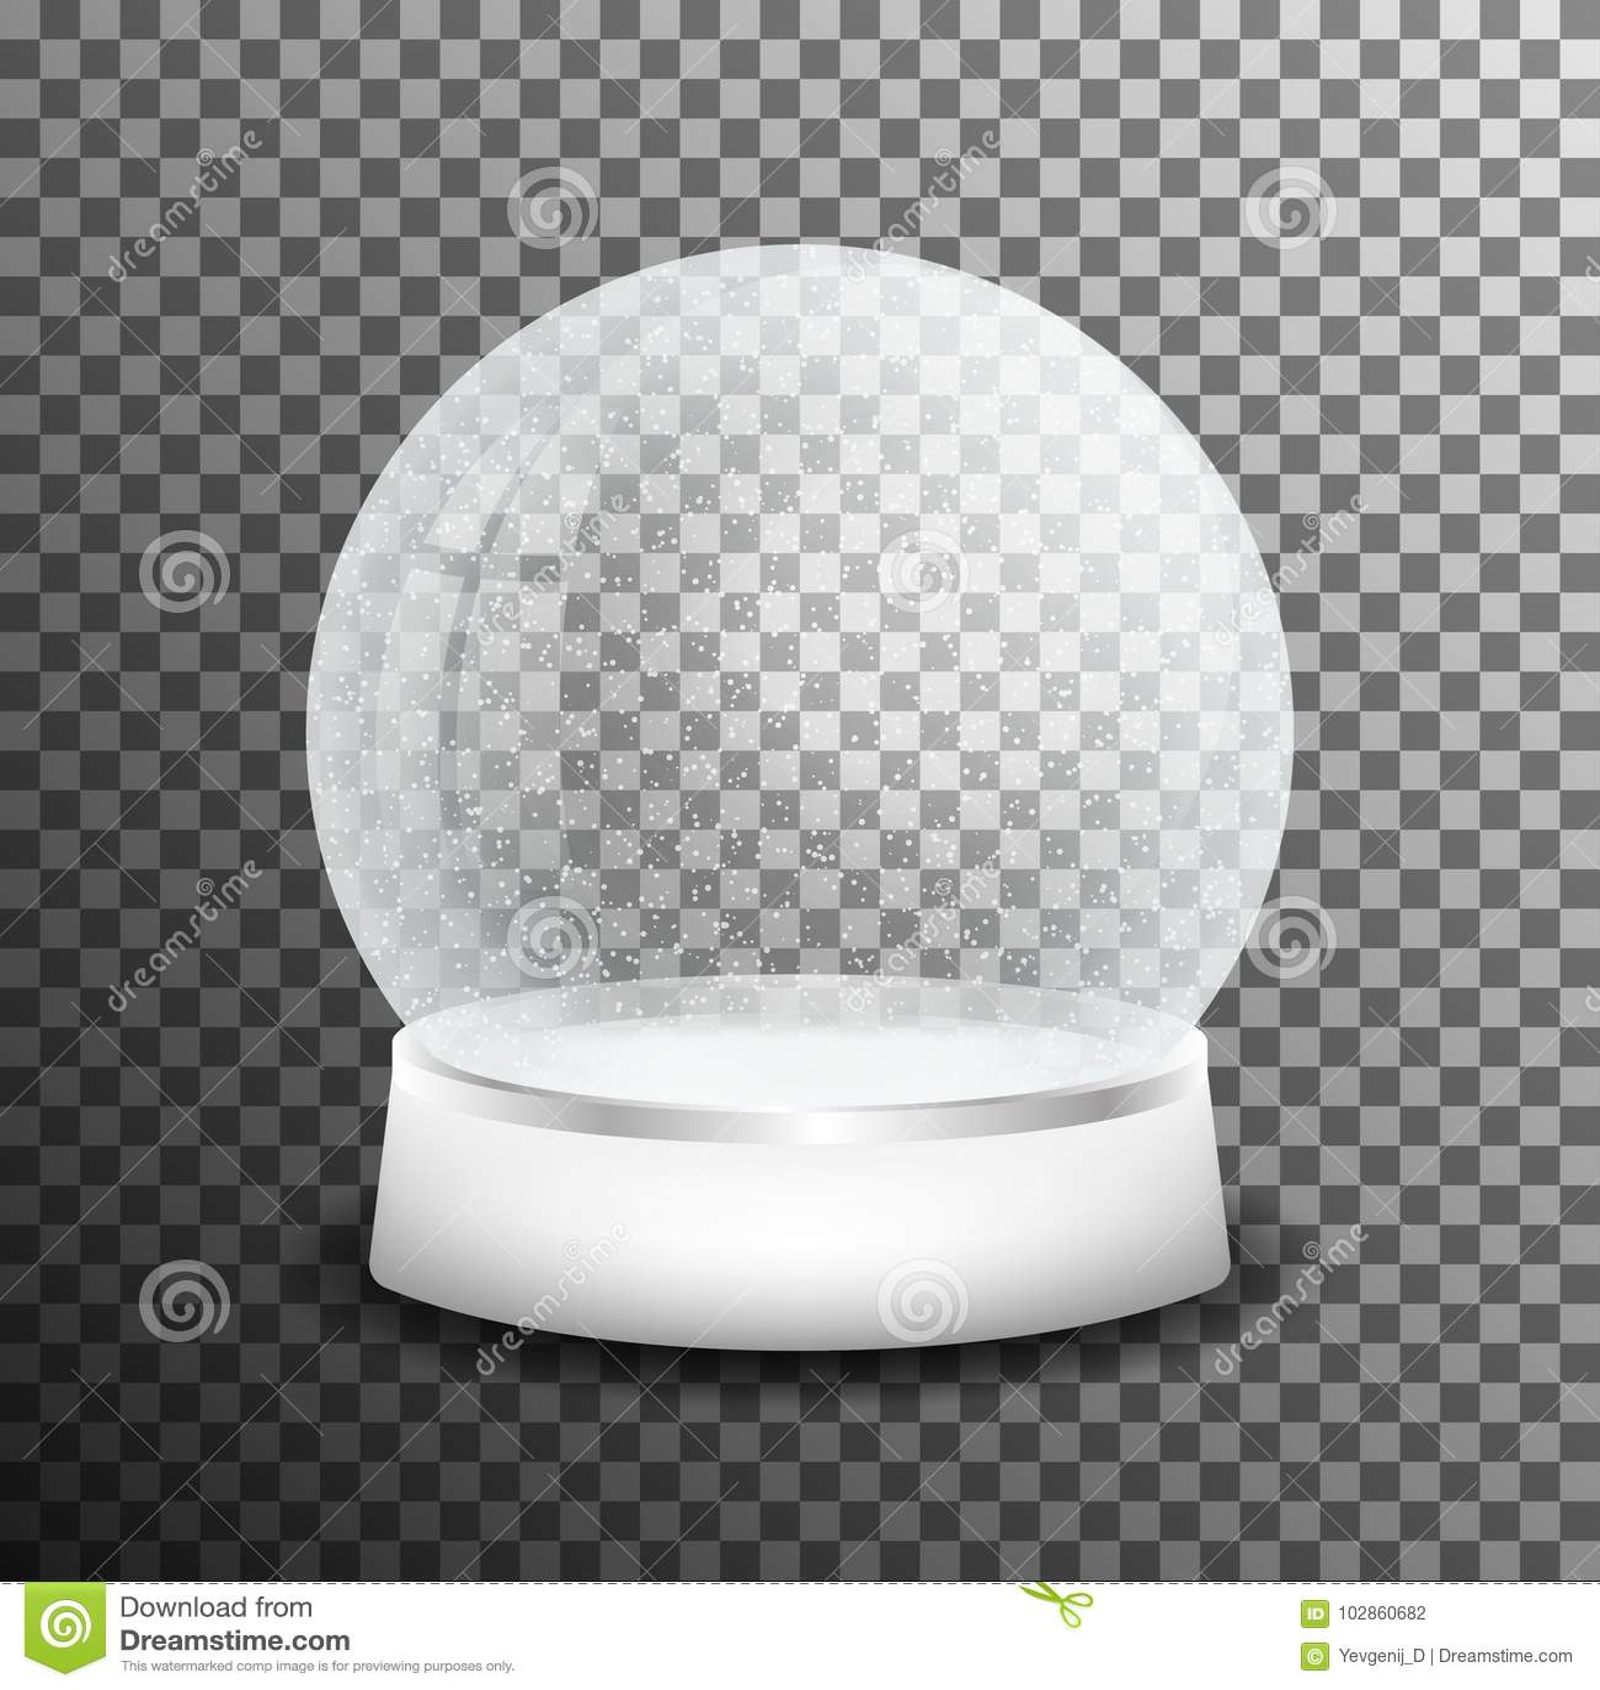 Weihnachtsglasschneeball auf transparentem Hintergrund Realistischer Kristallschneeball mit heller Reflexion